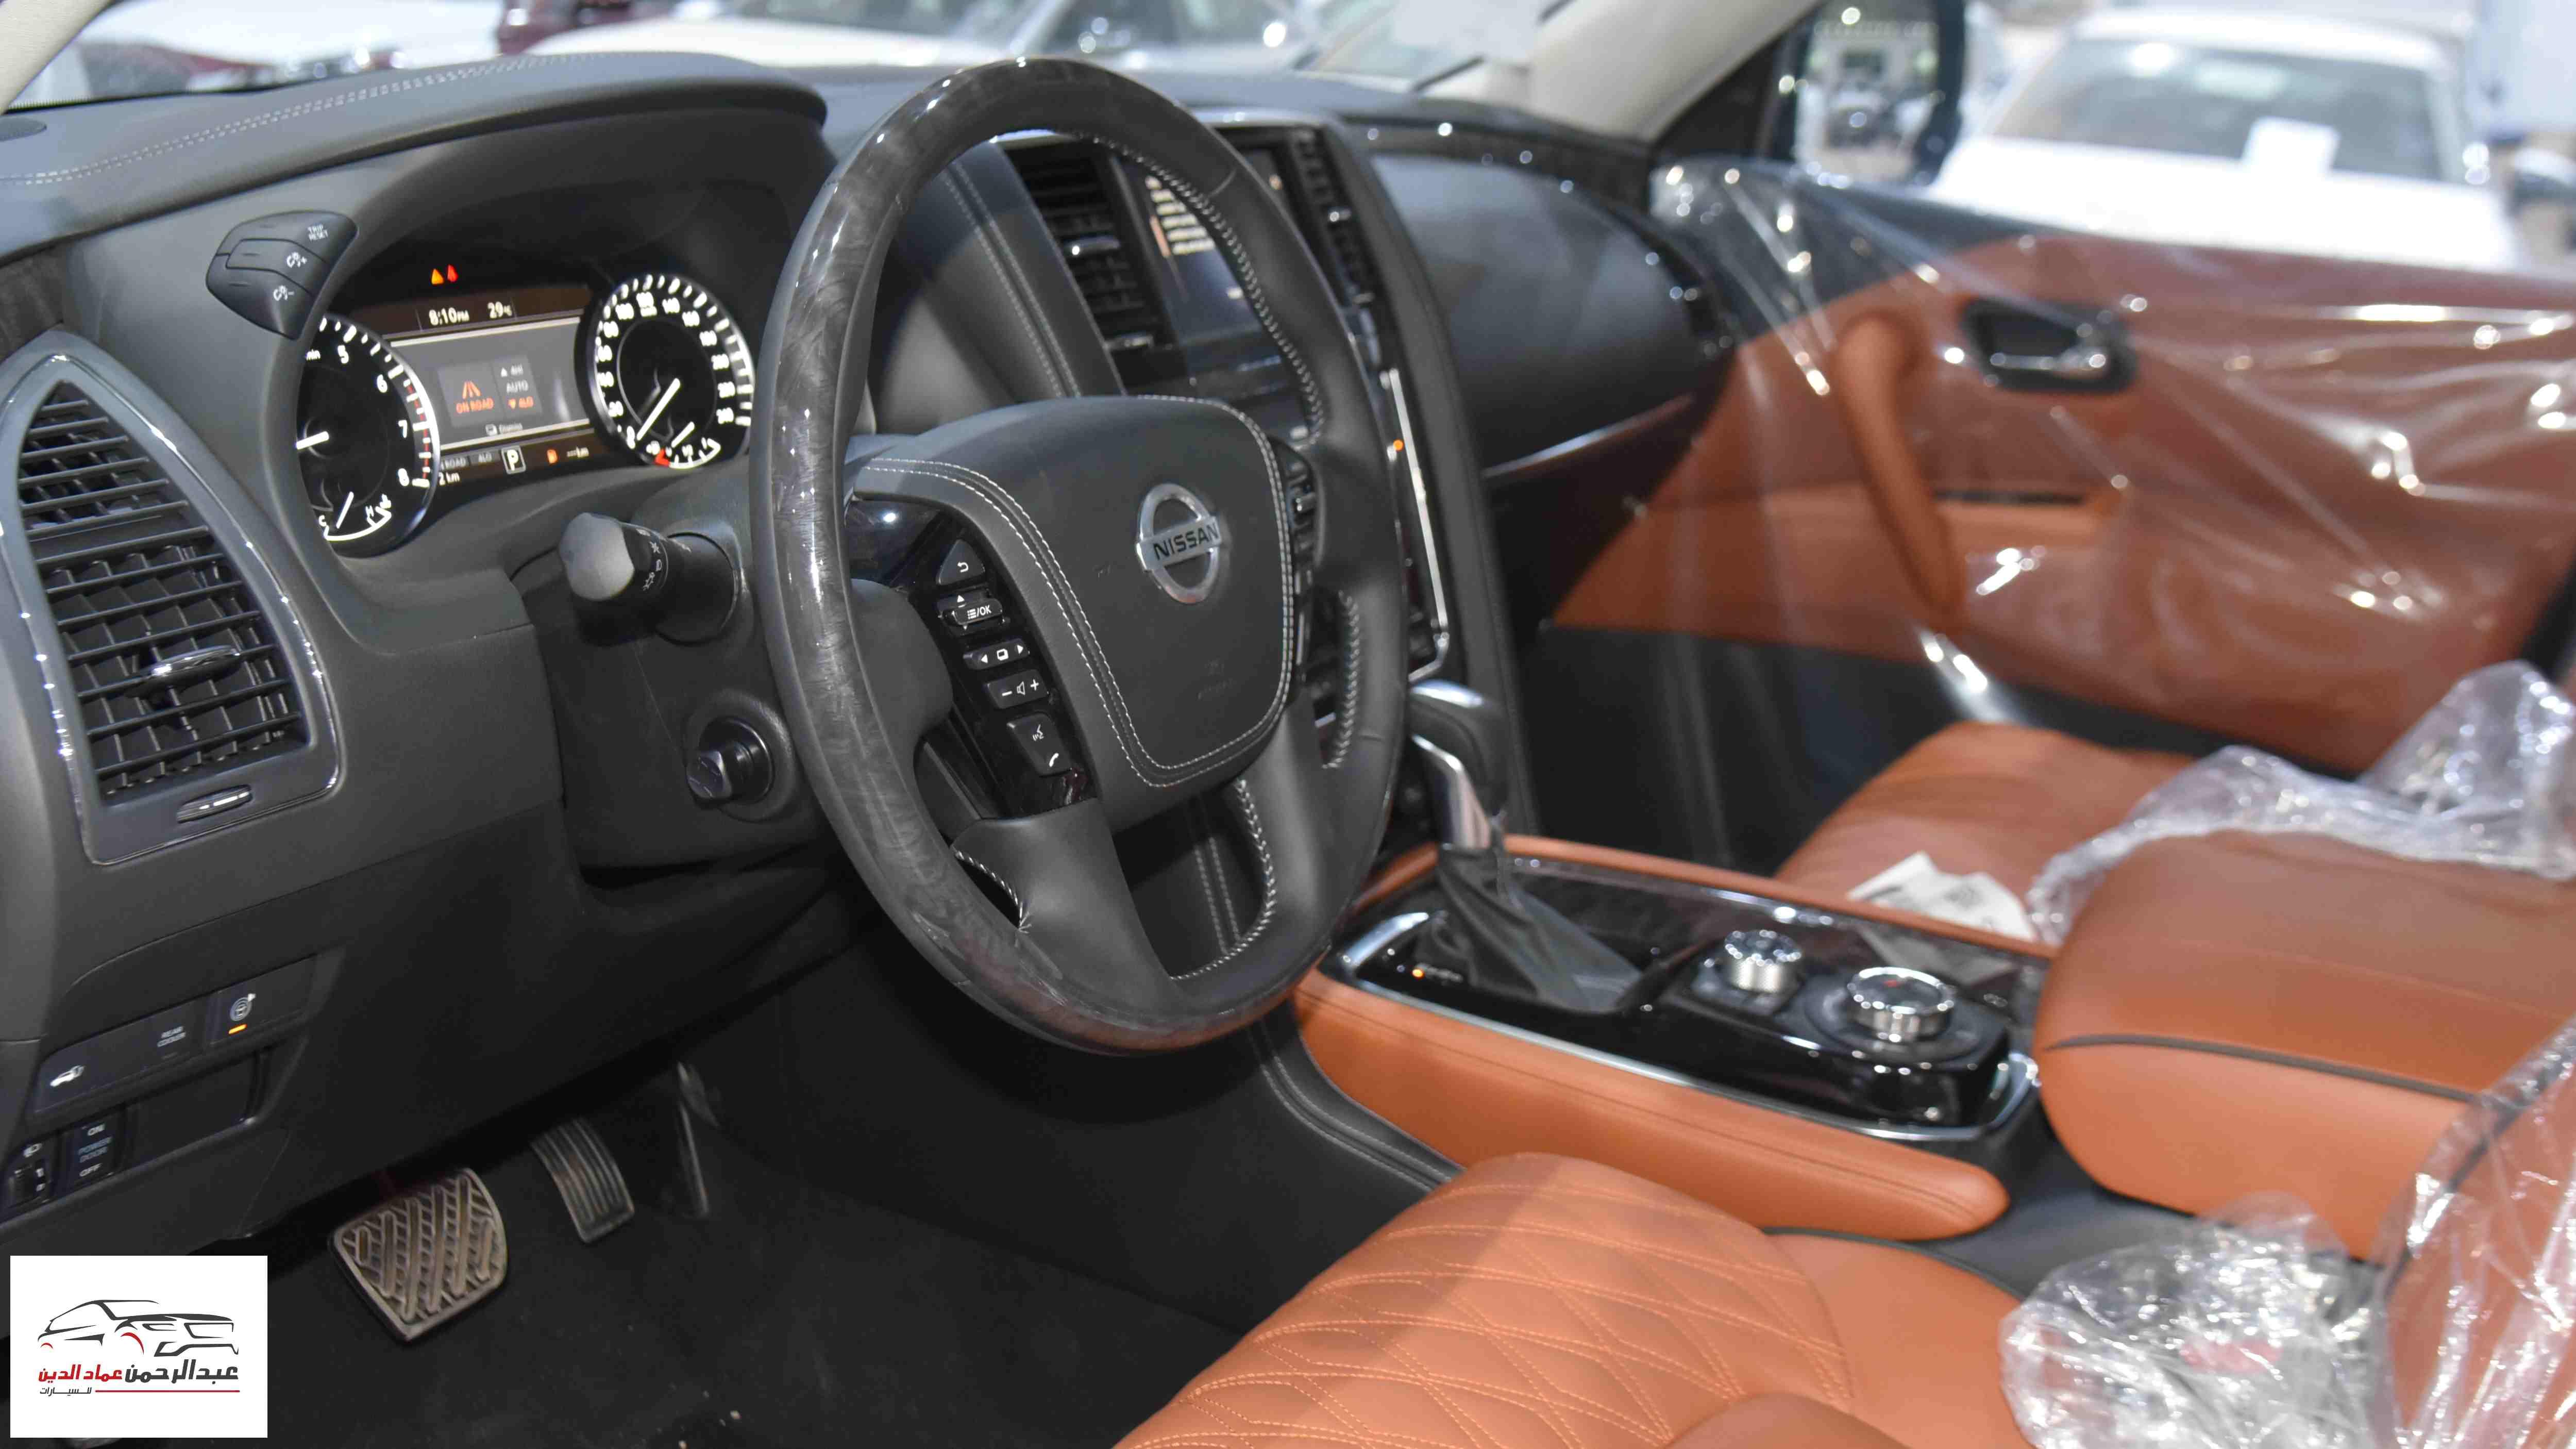 نيسان باترول 2021 V6  بلاتينيوم  SE  سعودي جديد  للبيع في الرياض - السعودية - صورة كبيرة - 9